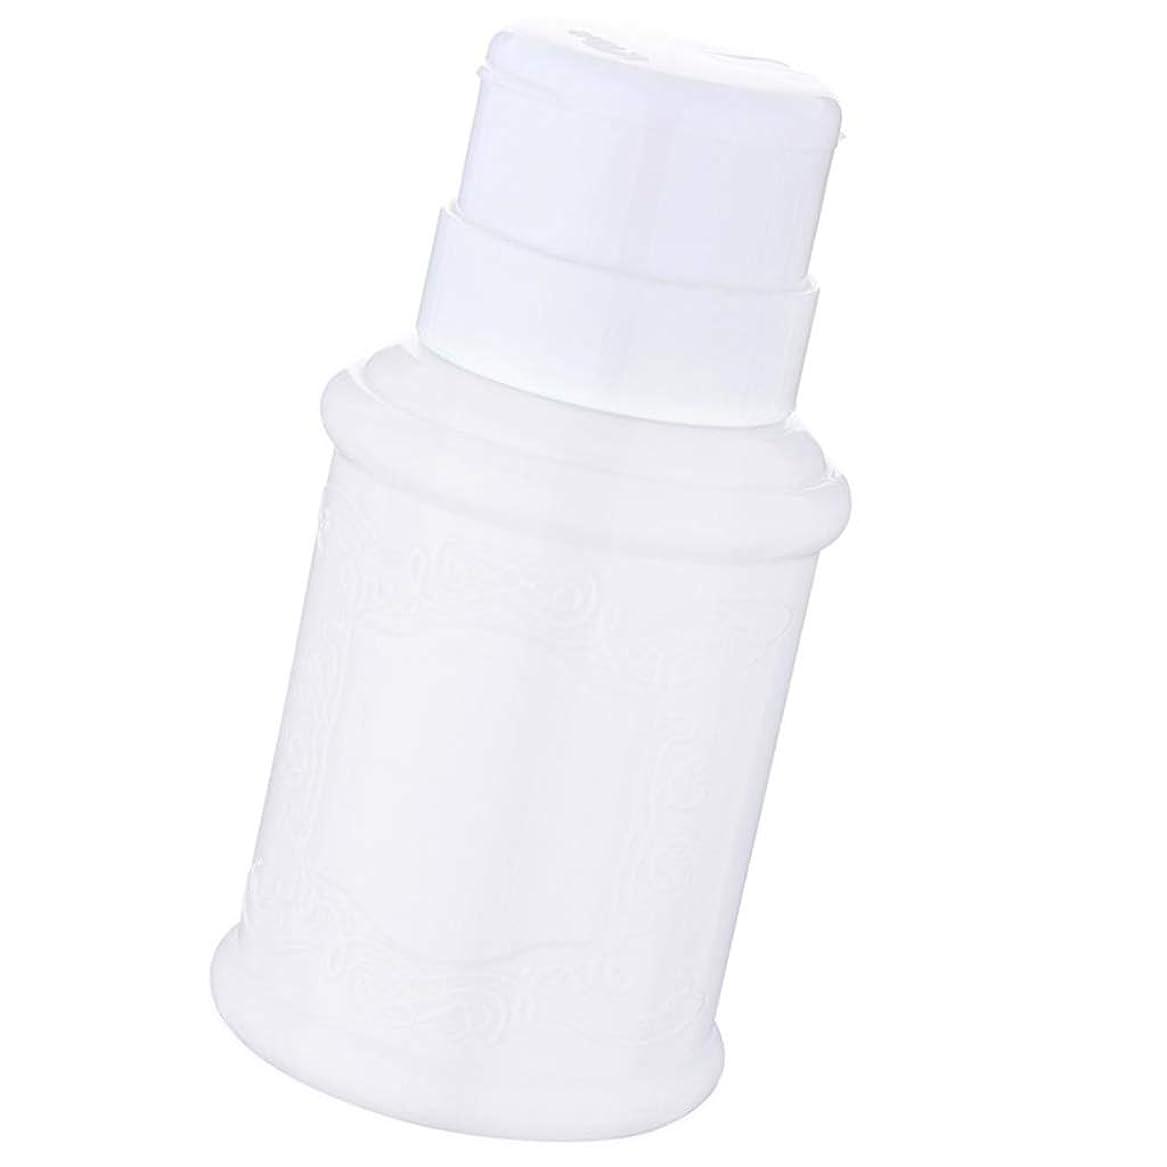 北方錆びハングSM SunniMix 空ポンプ ボトル ネイルクリーナーボトル ポンプディスペンサー ジェルクリーナー 全3色 - 白